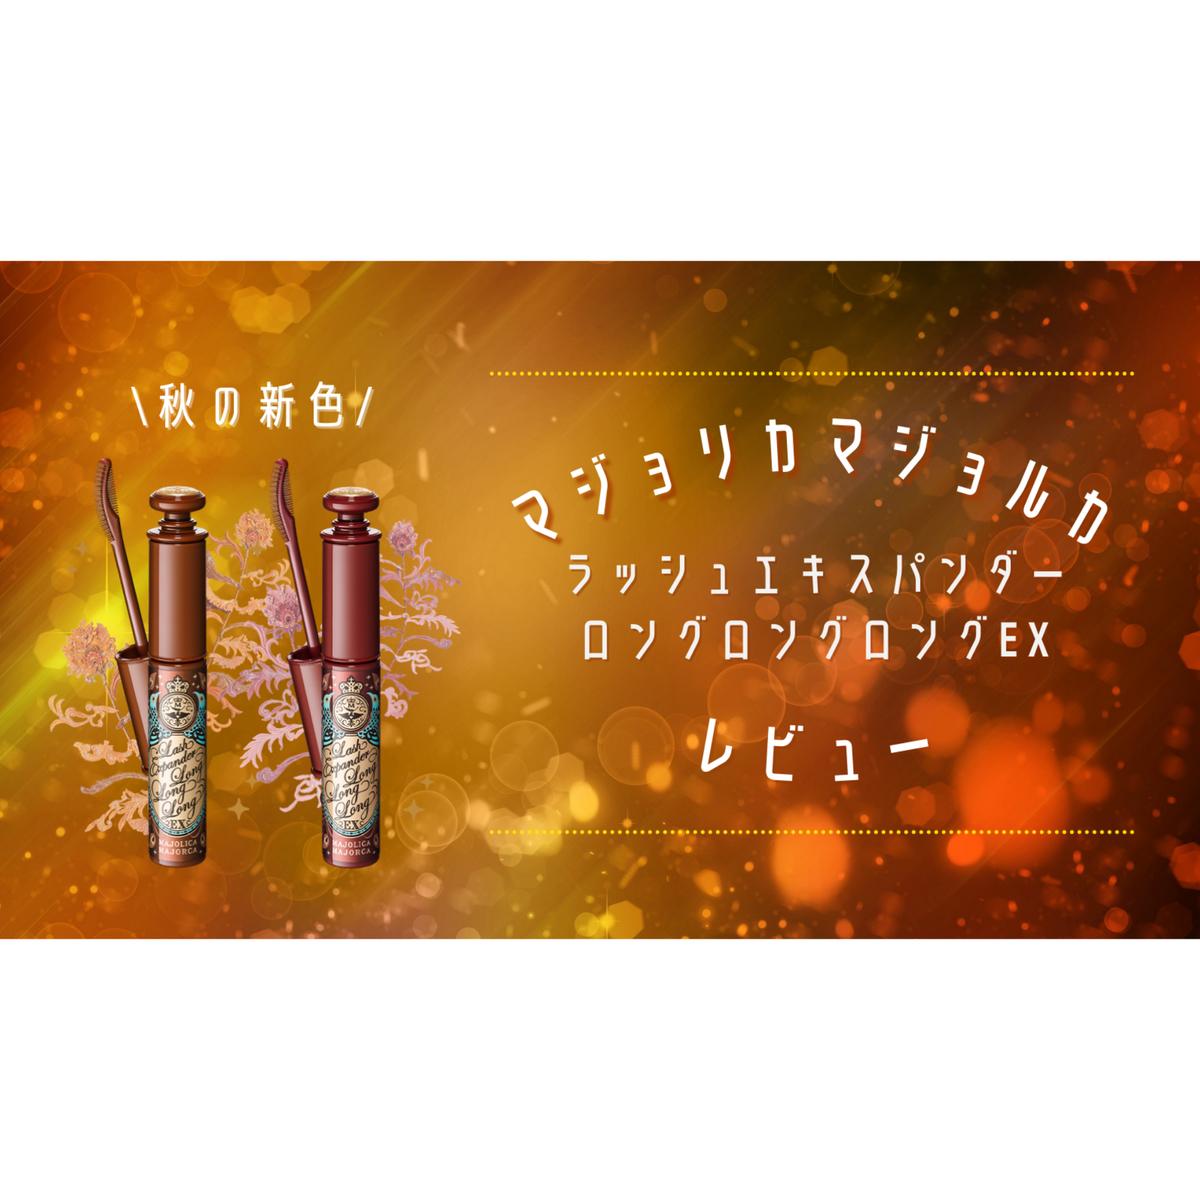 f:id:mana_log:20210807160458j:plain